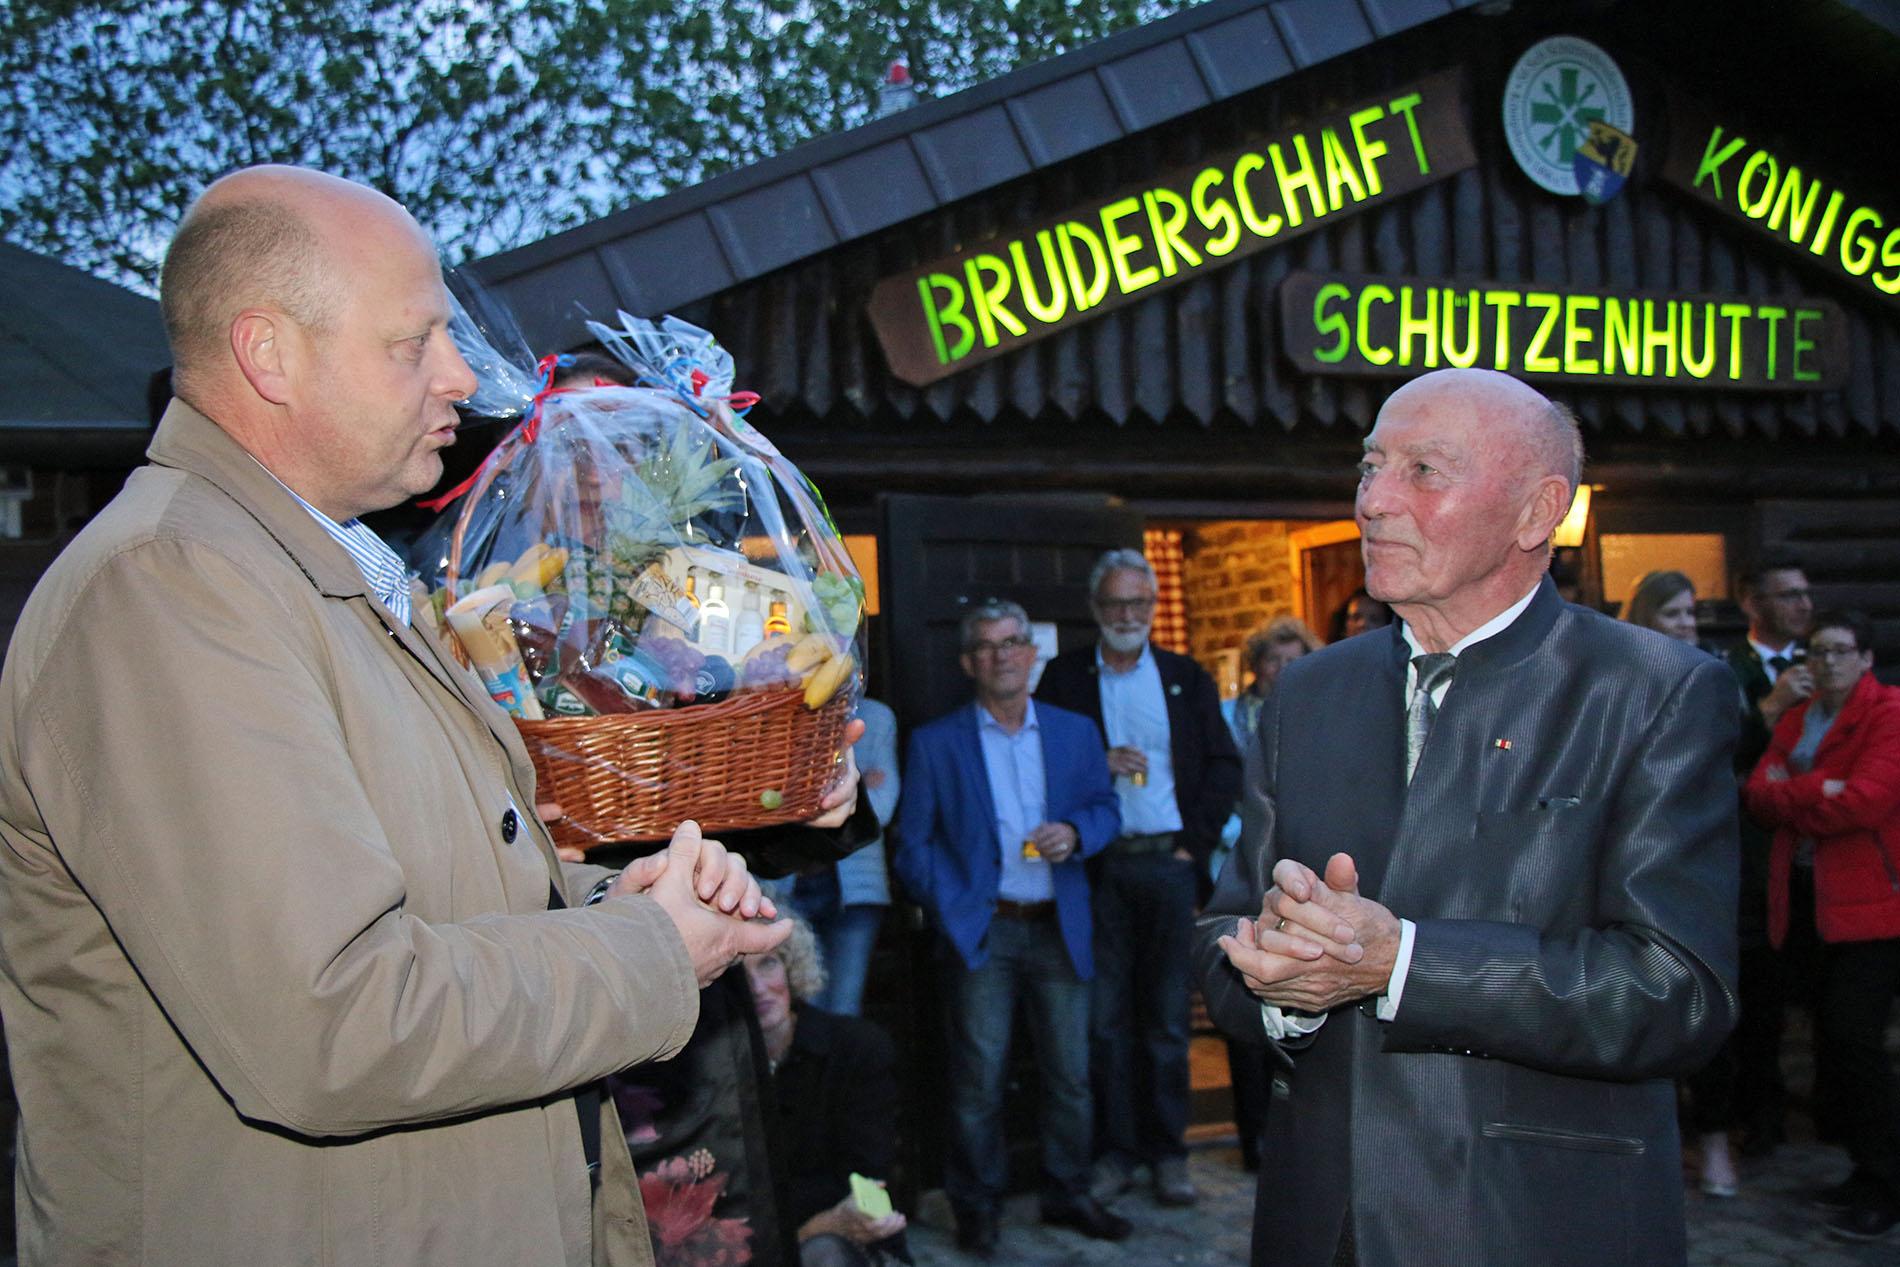 Mit den besten Wünschen zum 80. Geburtstag sowie einem Präsentkorb gratulierte MGV-Vorsitzender Manfred Speuser dem Jubilar Willy Moll im Namen des MGV Quartettverein Königshoven. (Fotos: Bastian Schlößer)